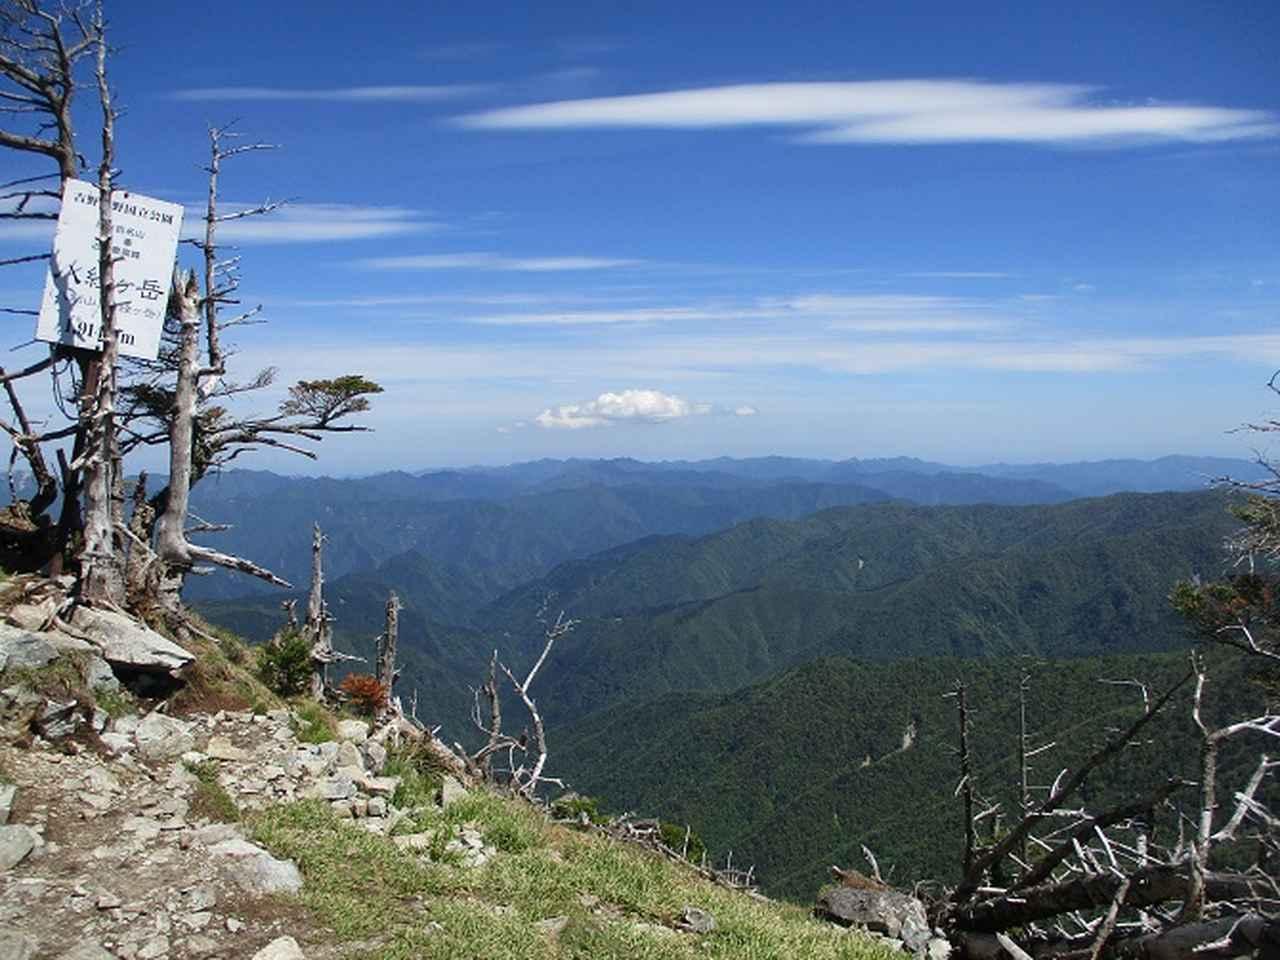 画像14: 来年の宿泊ツアーの企画素材を探して奈良県の大峰山に行ってきました!